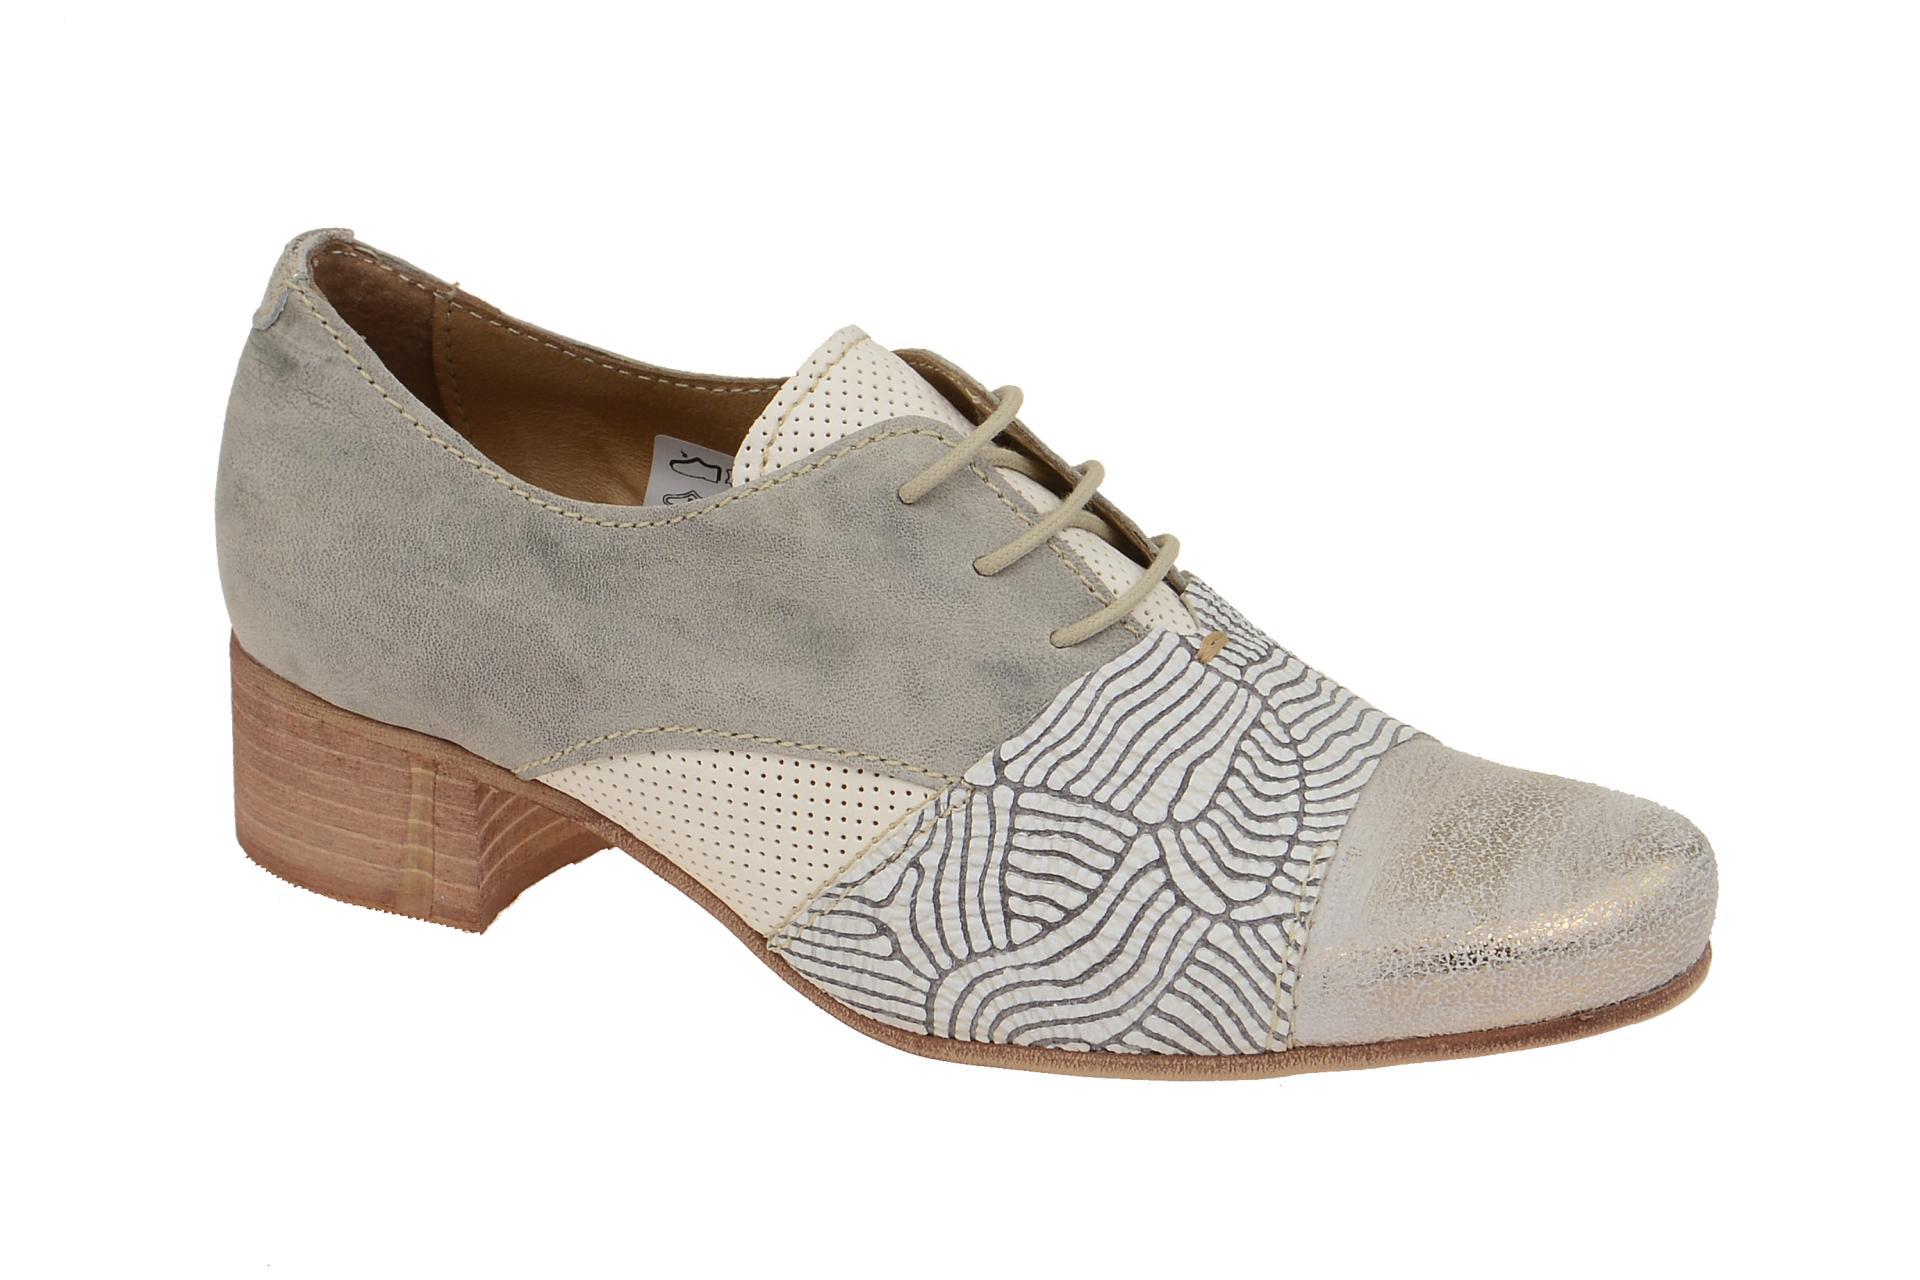 Kaufen Strauch Schuhhaus Schuhe Online Charme uTc3lK1JF